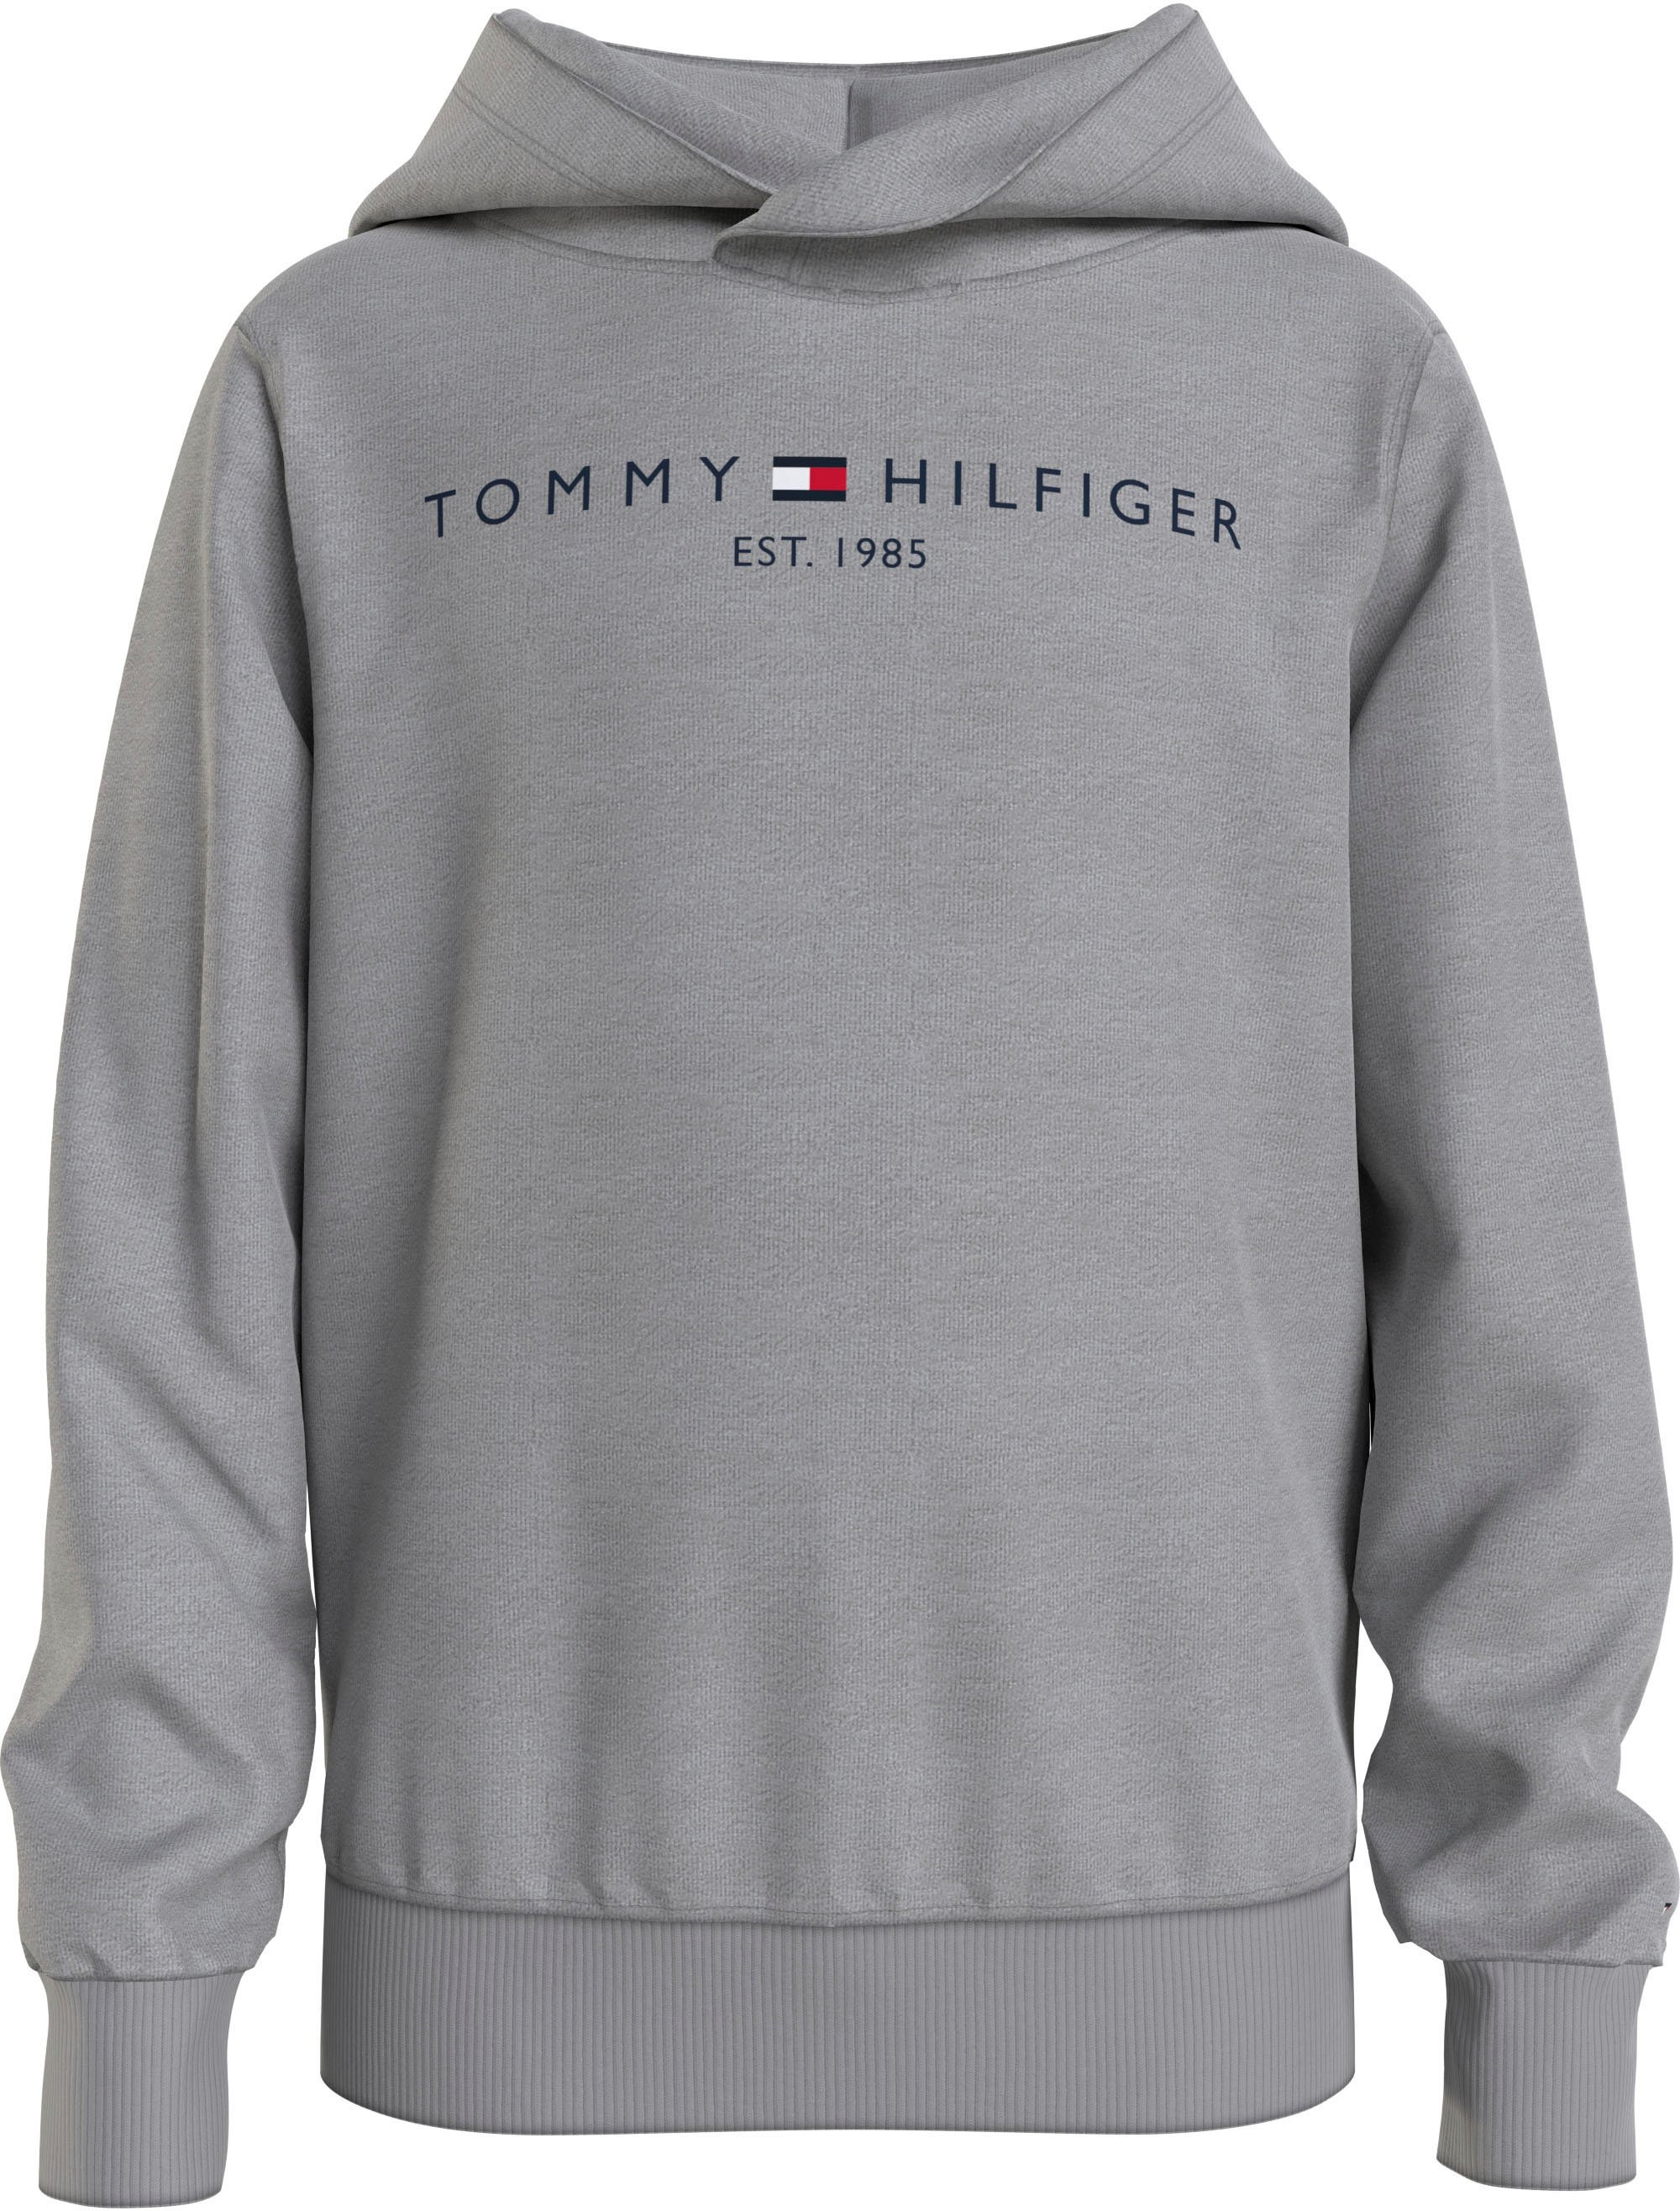 Tommy Hilfiger hoodie voordelig en veilig online kopen